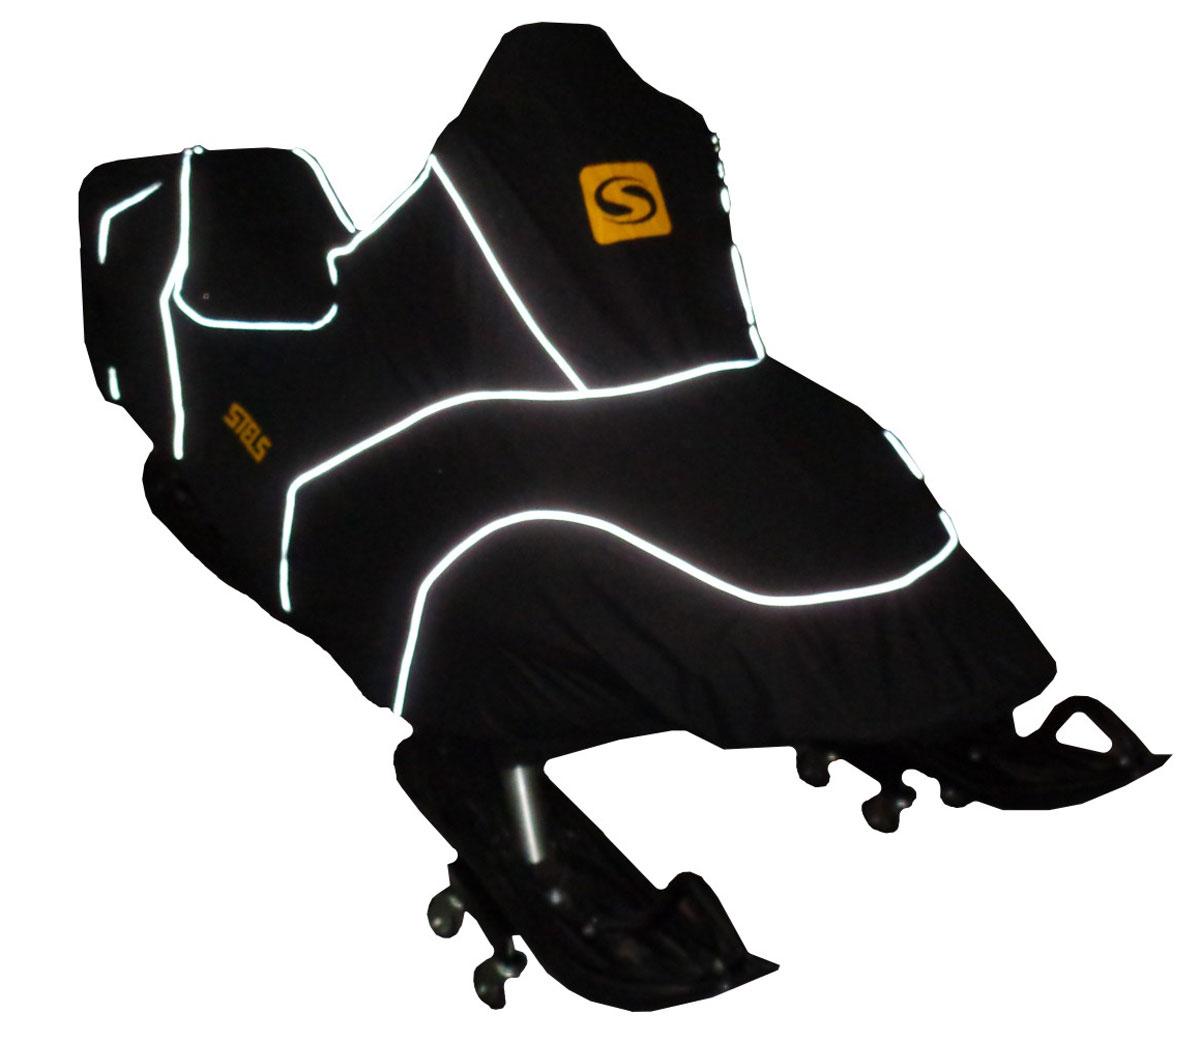 Чехол транспортировочный AG-brand для снегохода Stels V800 Росомаха, цвет: черныйKGB GX-3Чехол для транспортировки Снегохода Stels V800 Росомаха. Чехол выполнен из прочной влагоотталкивающей ткани плотностью 600 Den, с применением армированных ниток. По нижней кромке чехла вшита плотная резинка, обеспечивающая надежную фиксацию на снегоходе.В комплект транспортировочного чехла входит прочная текстильная стропа для крепления техники в прицепе или специальном боксе для перевозки. Светоотражающий кант делает технику заметной в темное время суток.